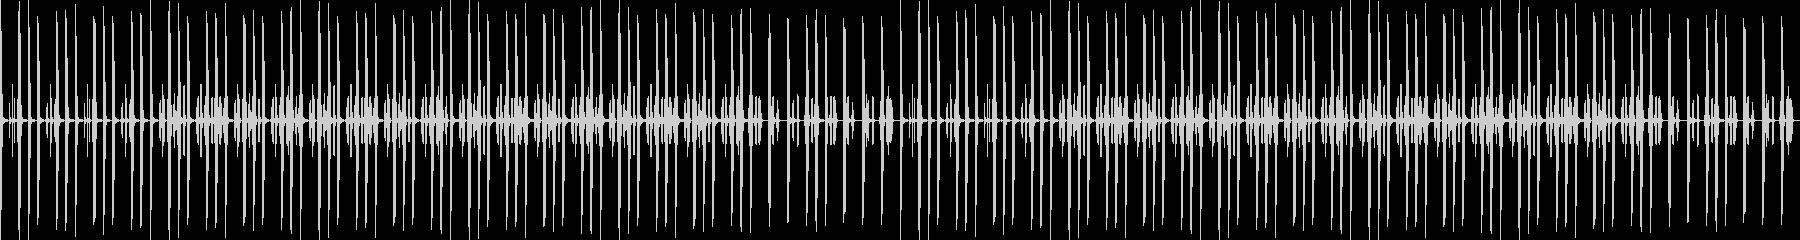 ほのぼの犬猫フルートBGM パターンEの未再生の波形